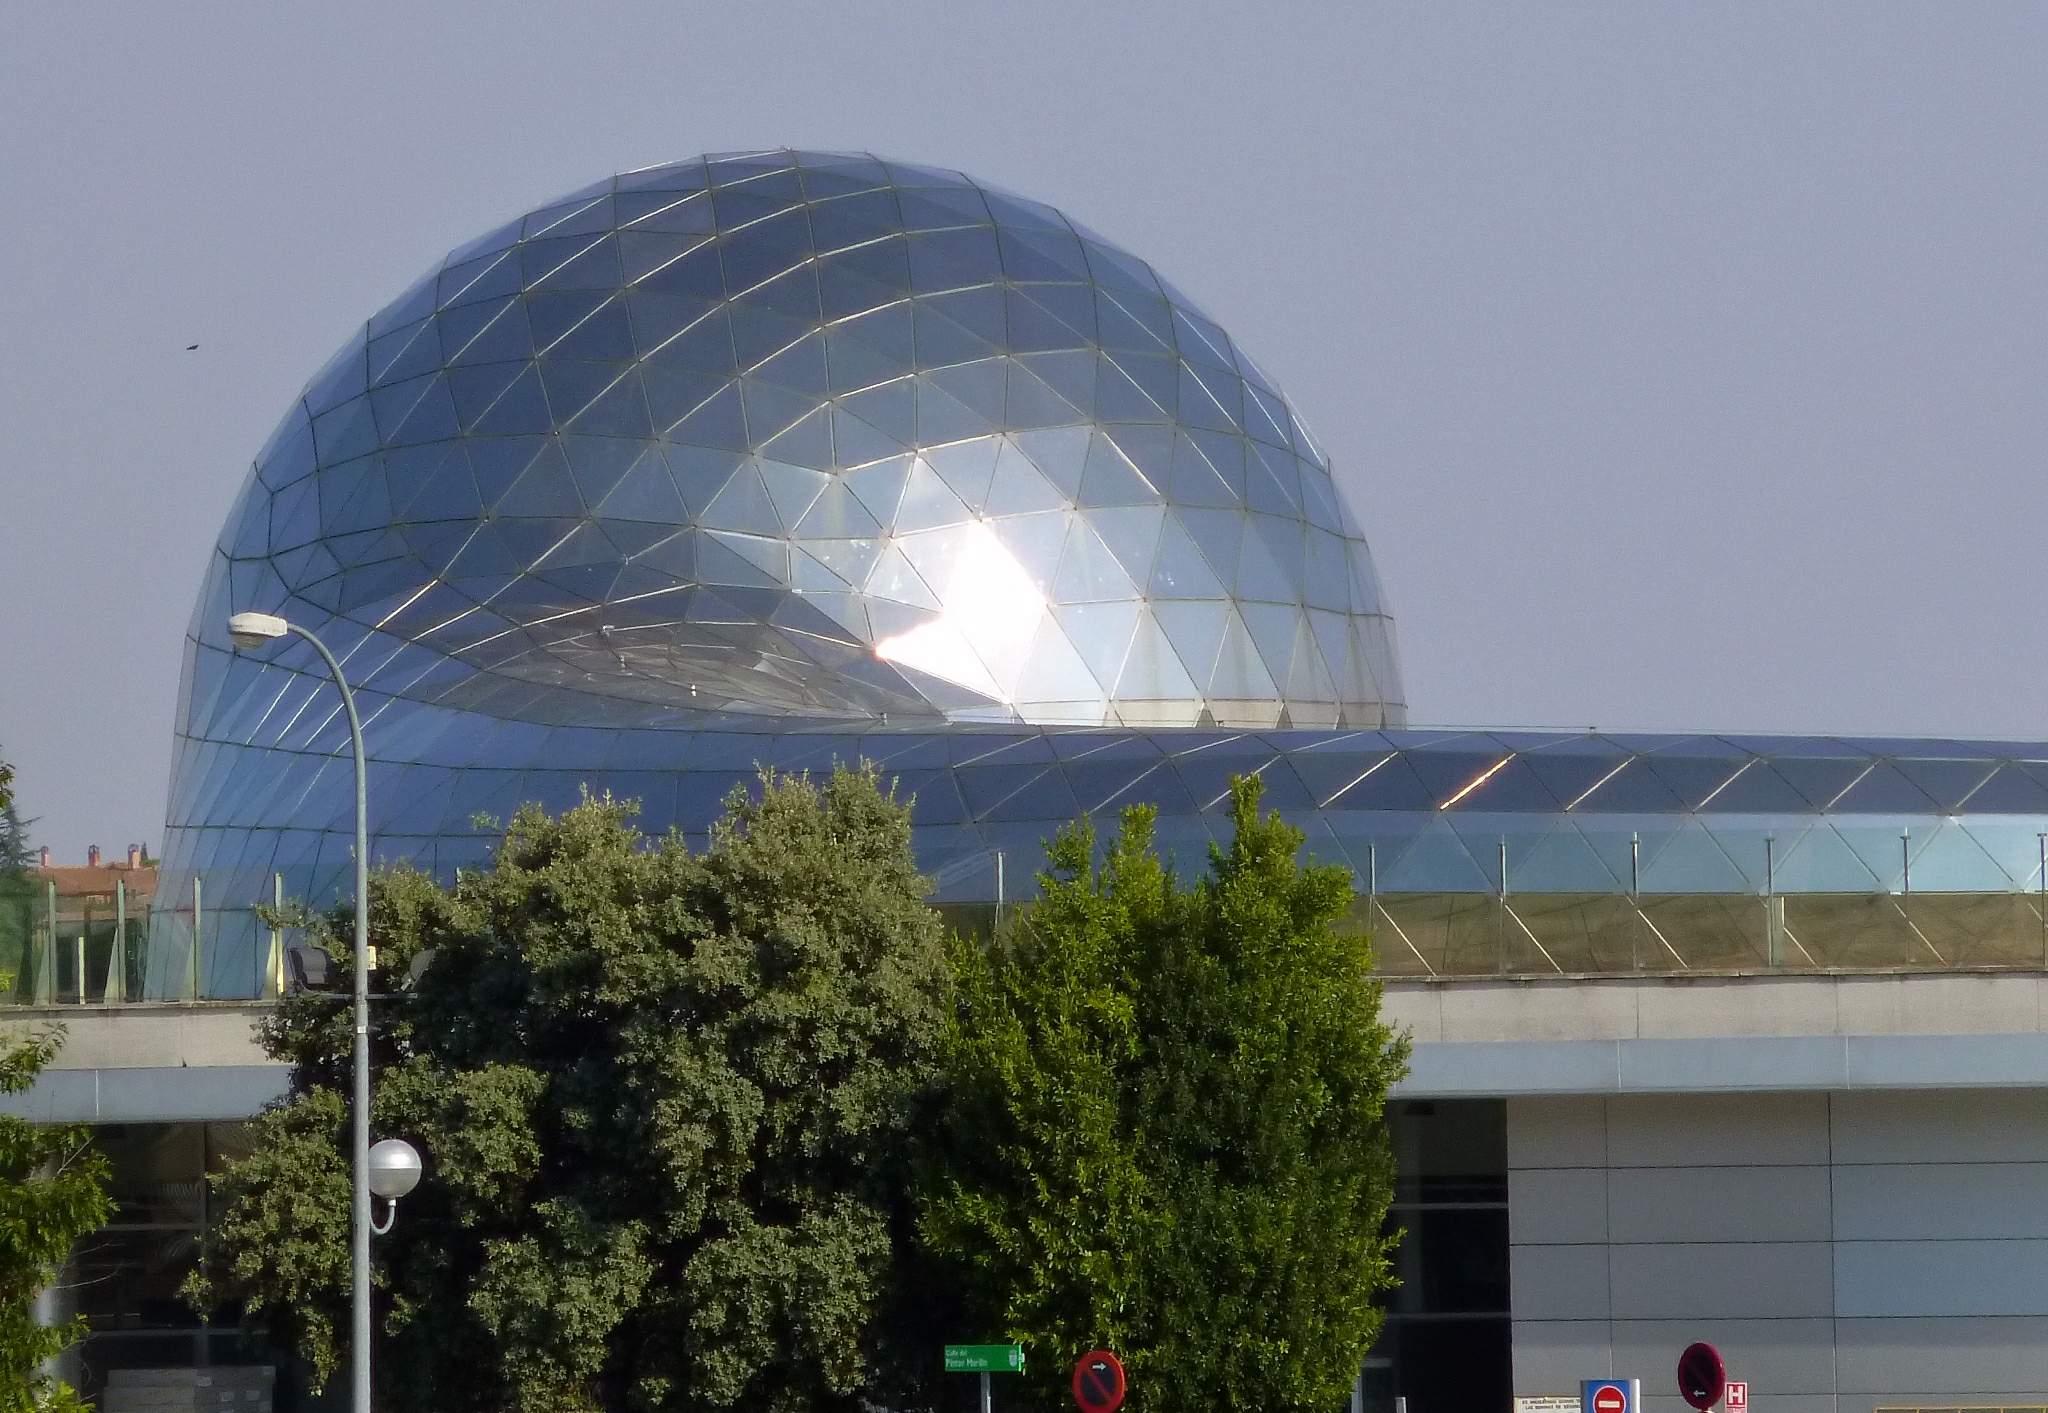 File:Alcobendas - Museo Nacional de Ciencia y Tecnología (MUNCYT) 01.jpg - Wi...